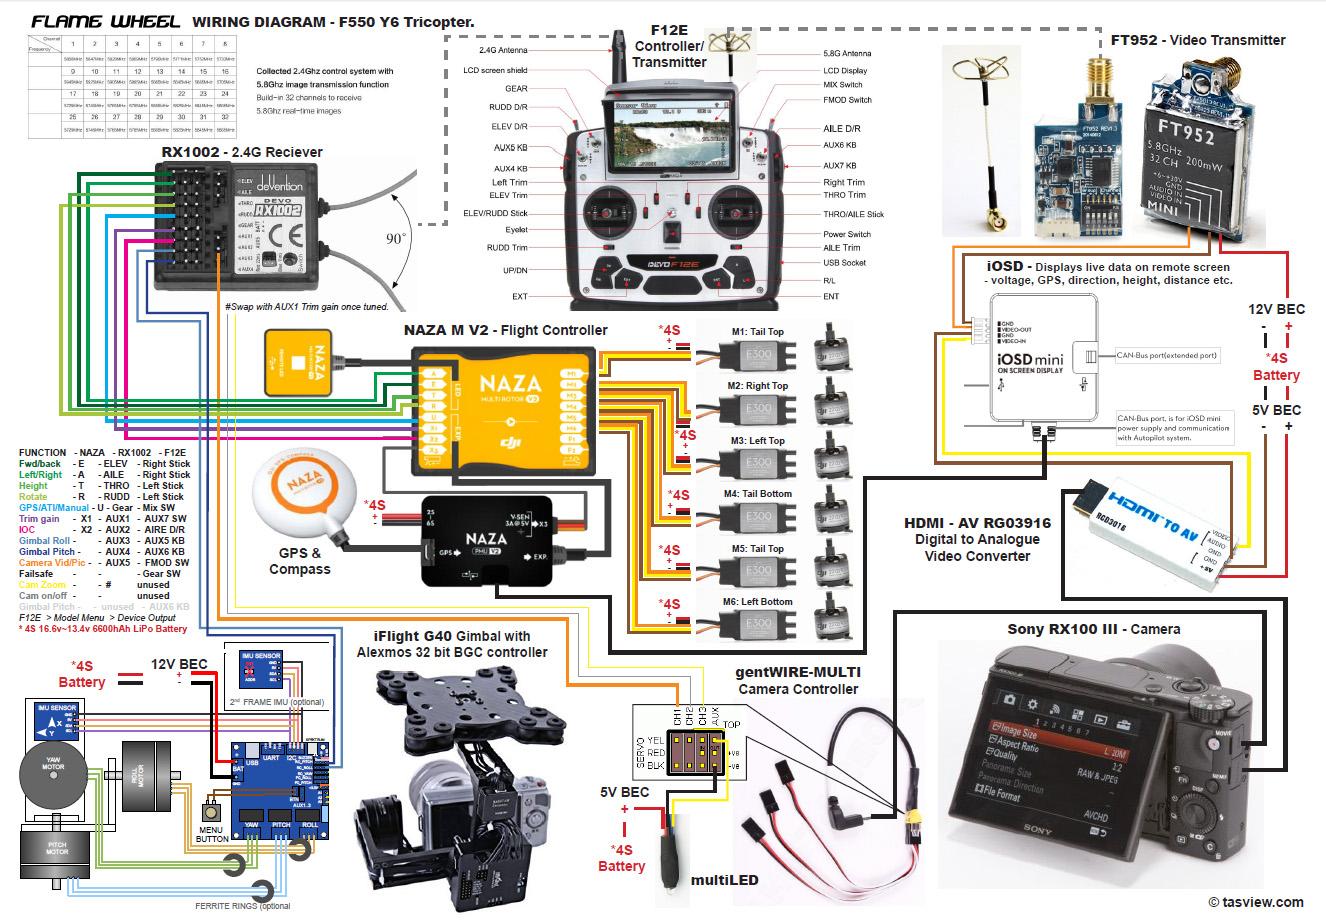 phantom wiring diagram wiring diagram third level gopro wiring diagram dji phantom 2 wiring diagram motor [ 1326 x 920 Pixel ]